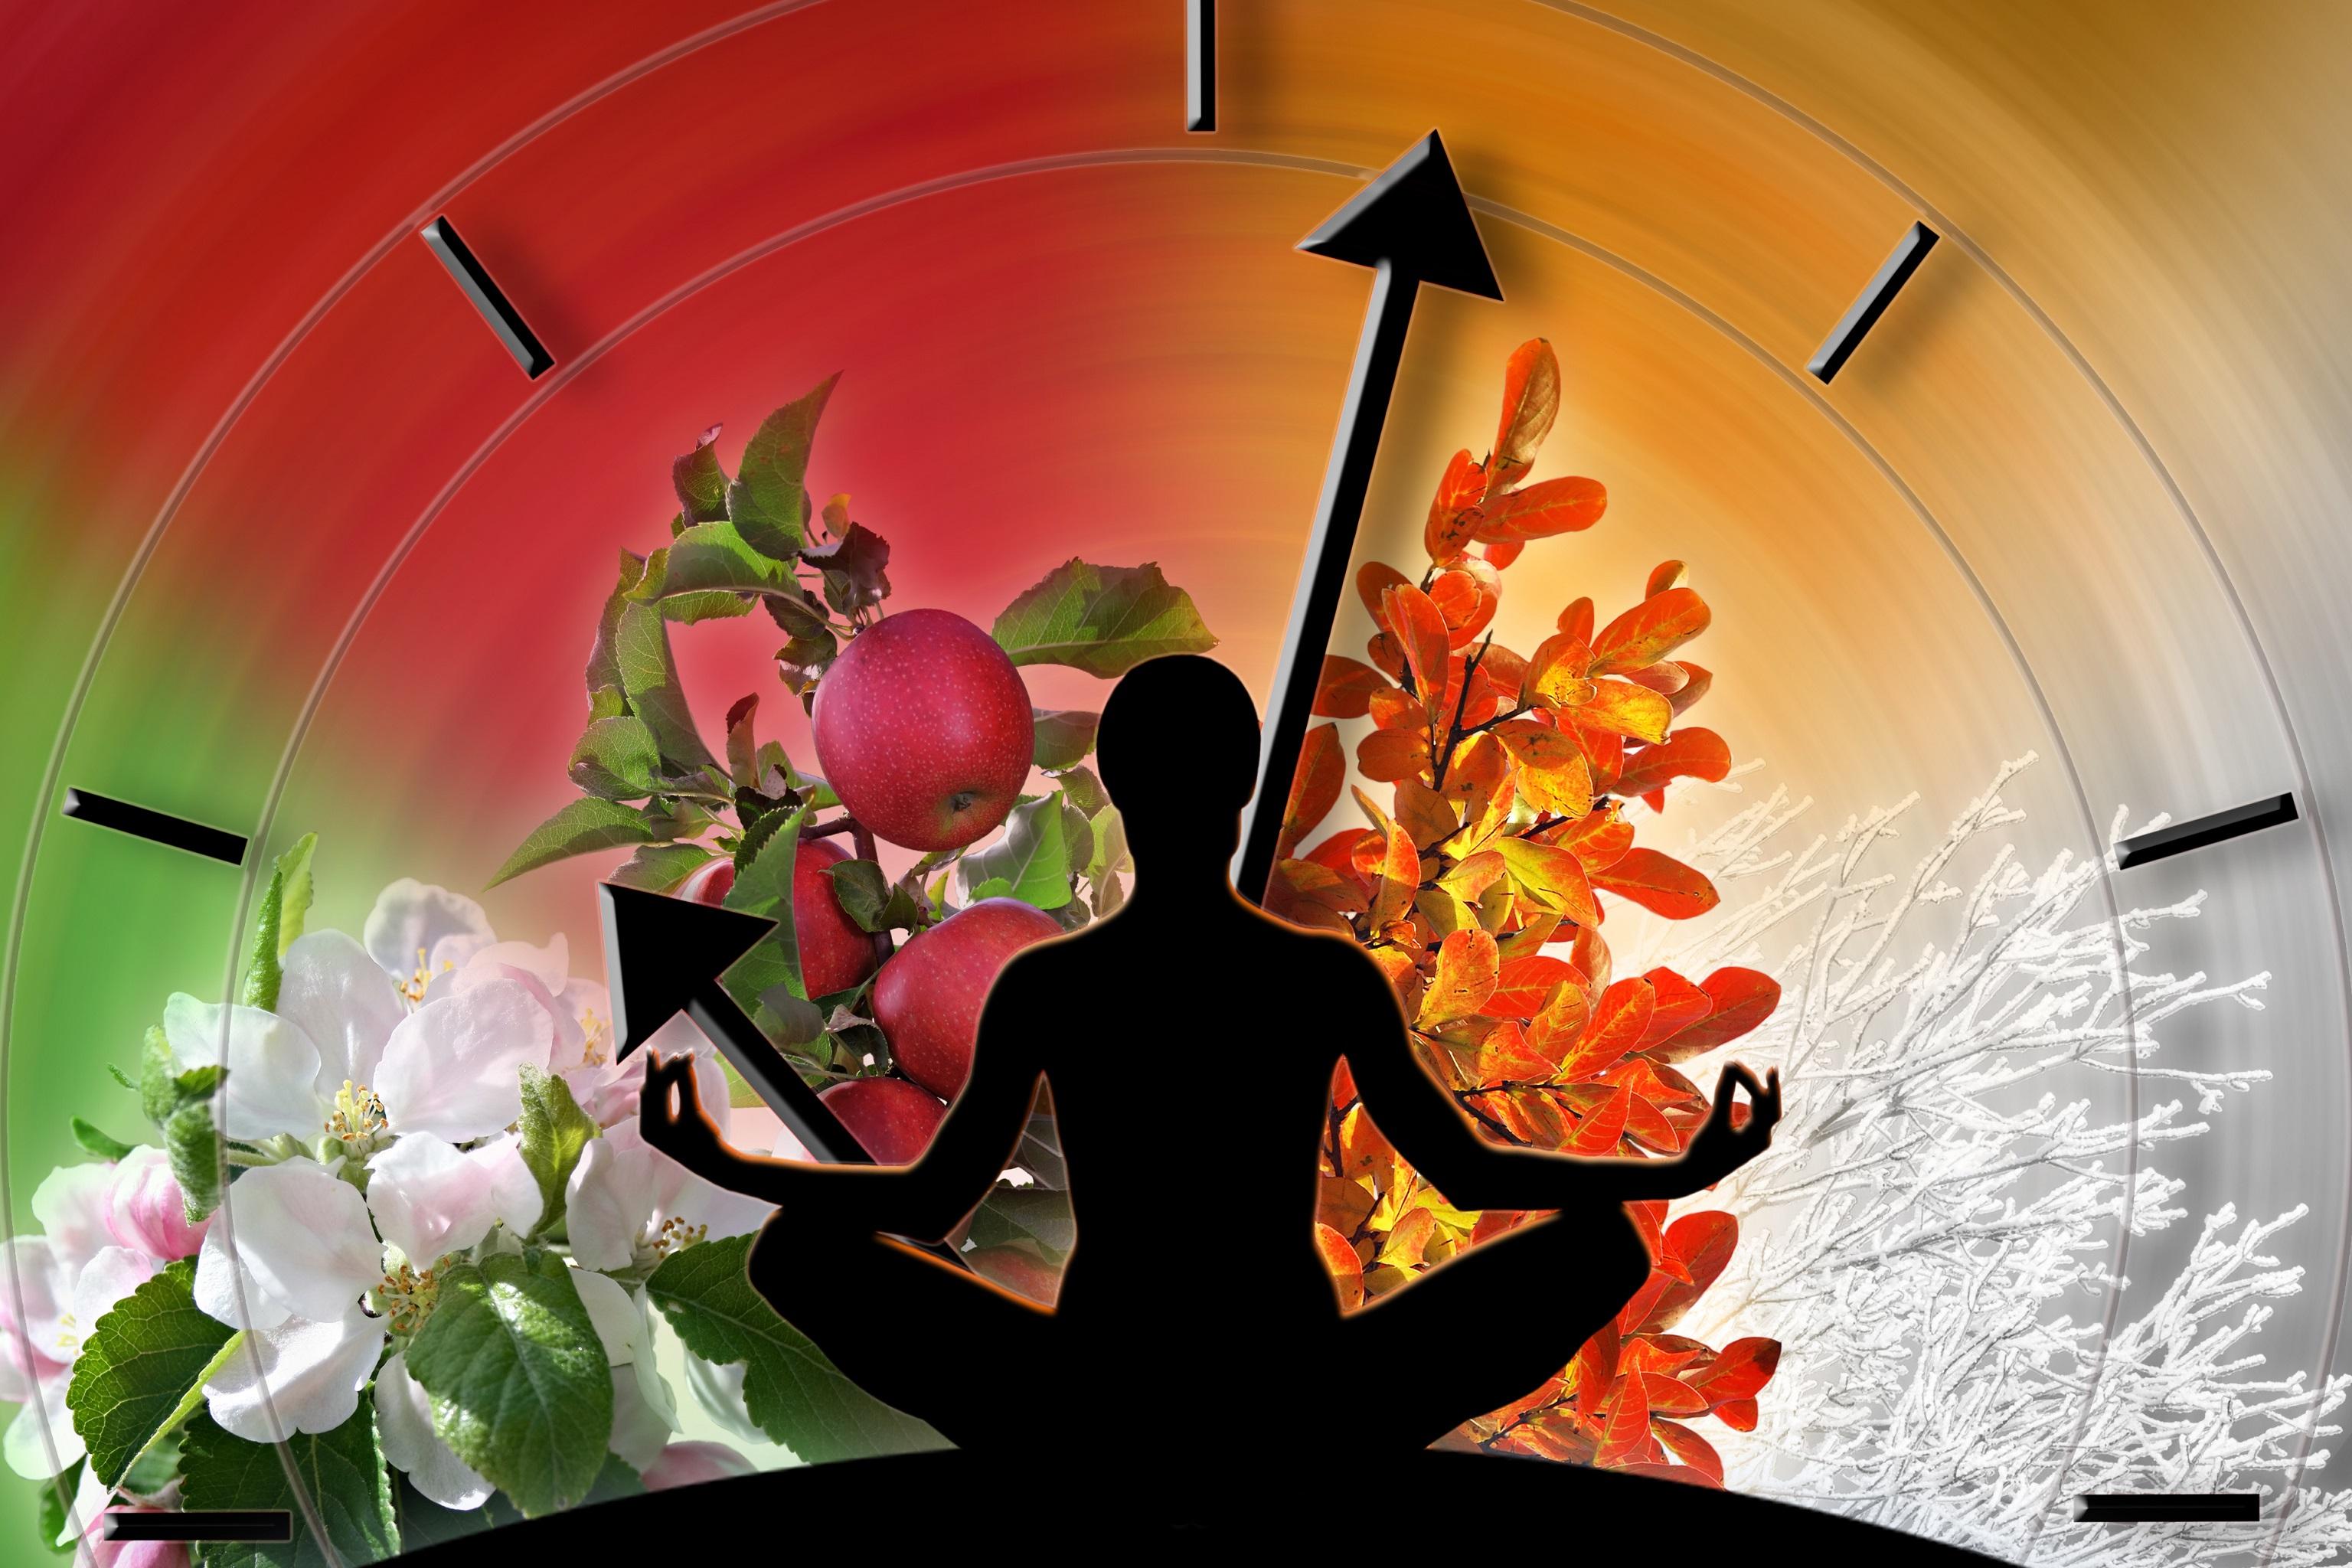 Unsere Ernährung beeinflusst Hormone und die innere Uhr